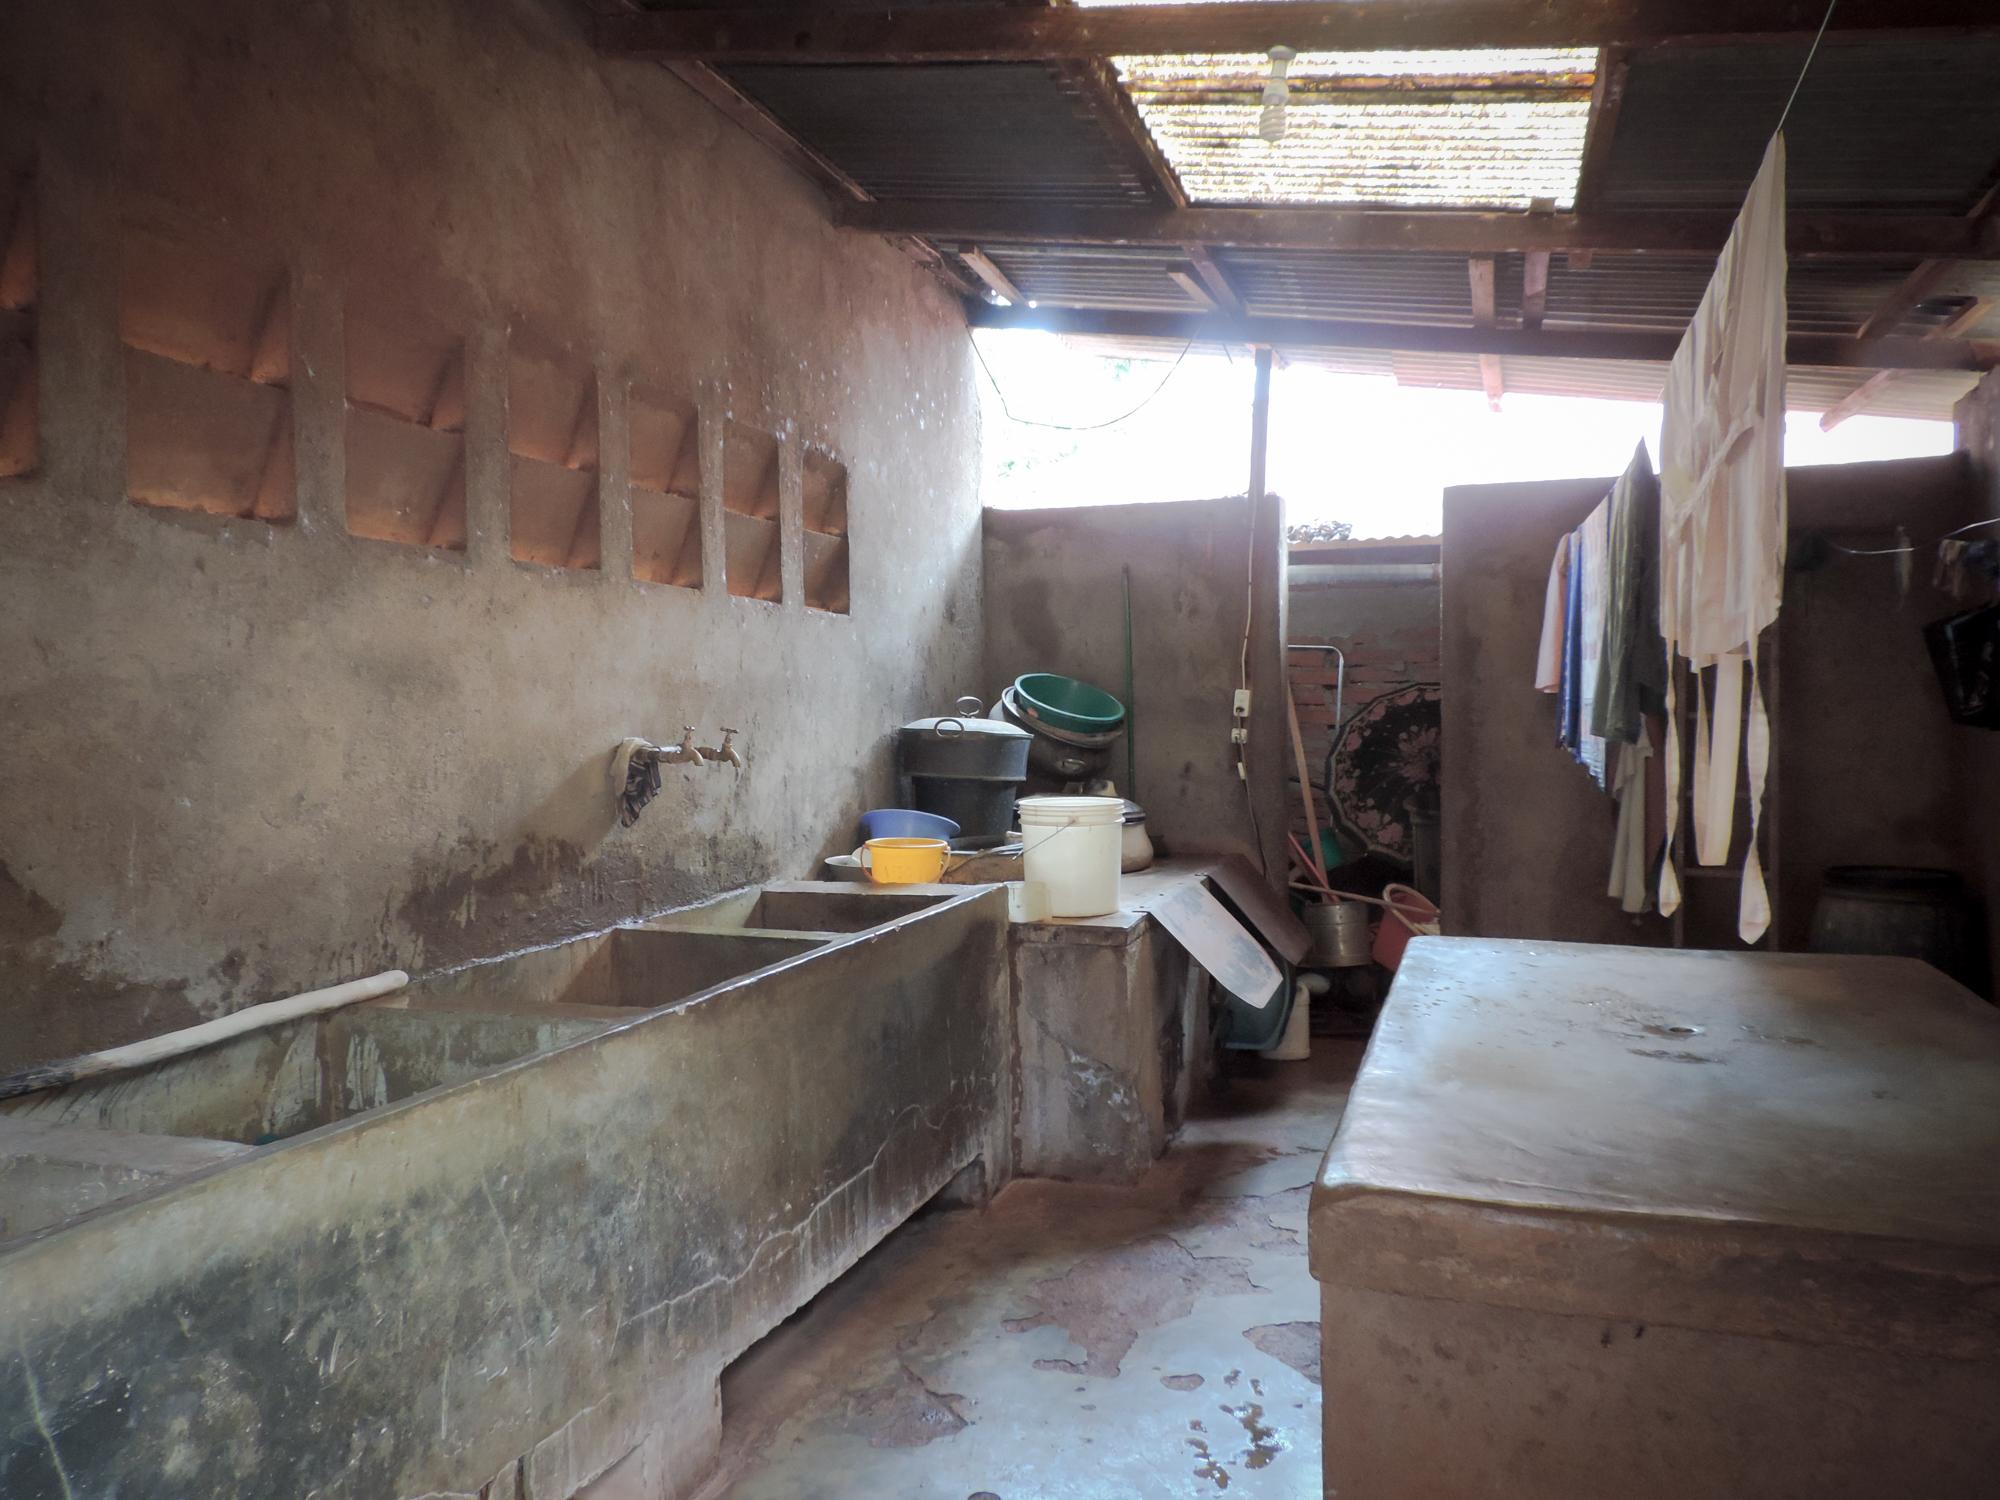 In der Wäscherei wird alles von Hand gewaschen. Oft muss gewartet werden, bis die Leintücher trocken sind